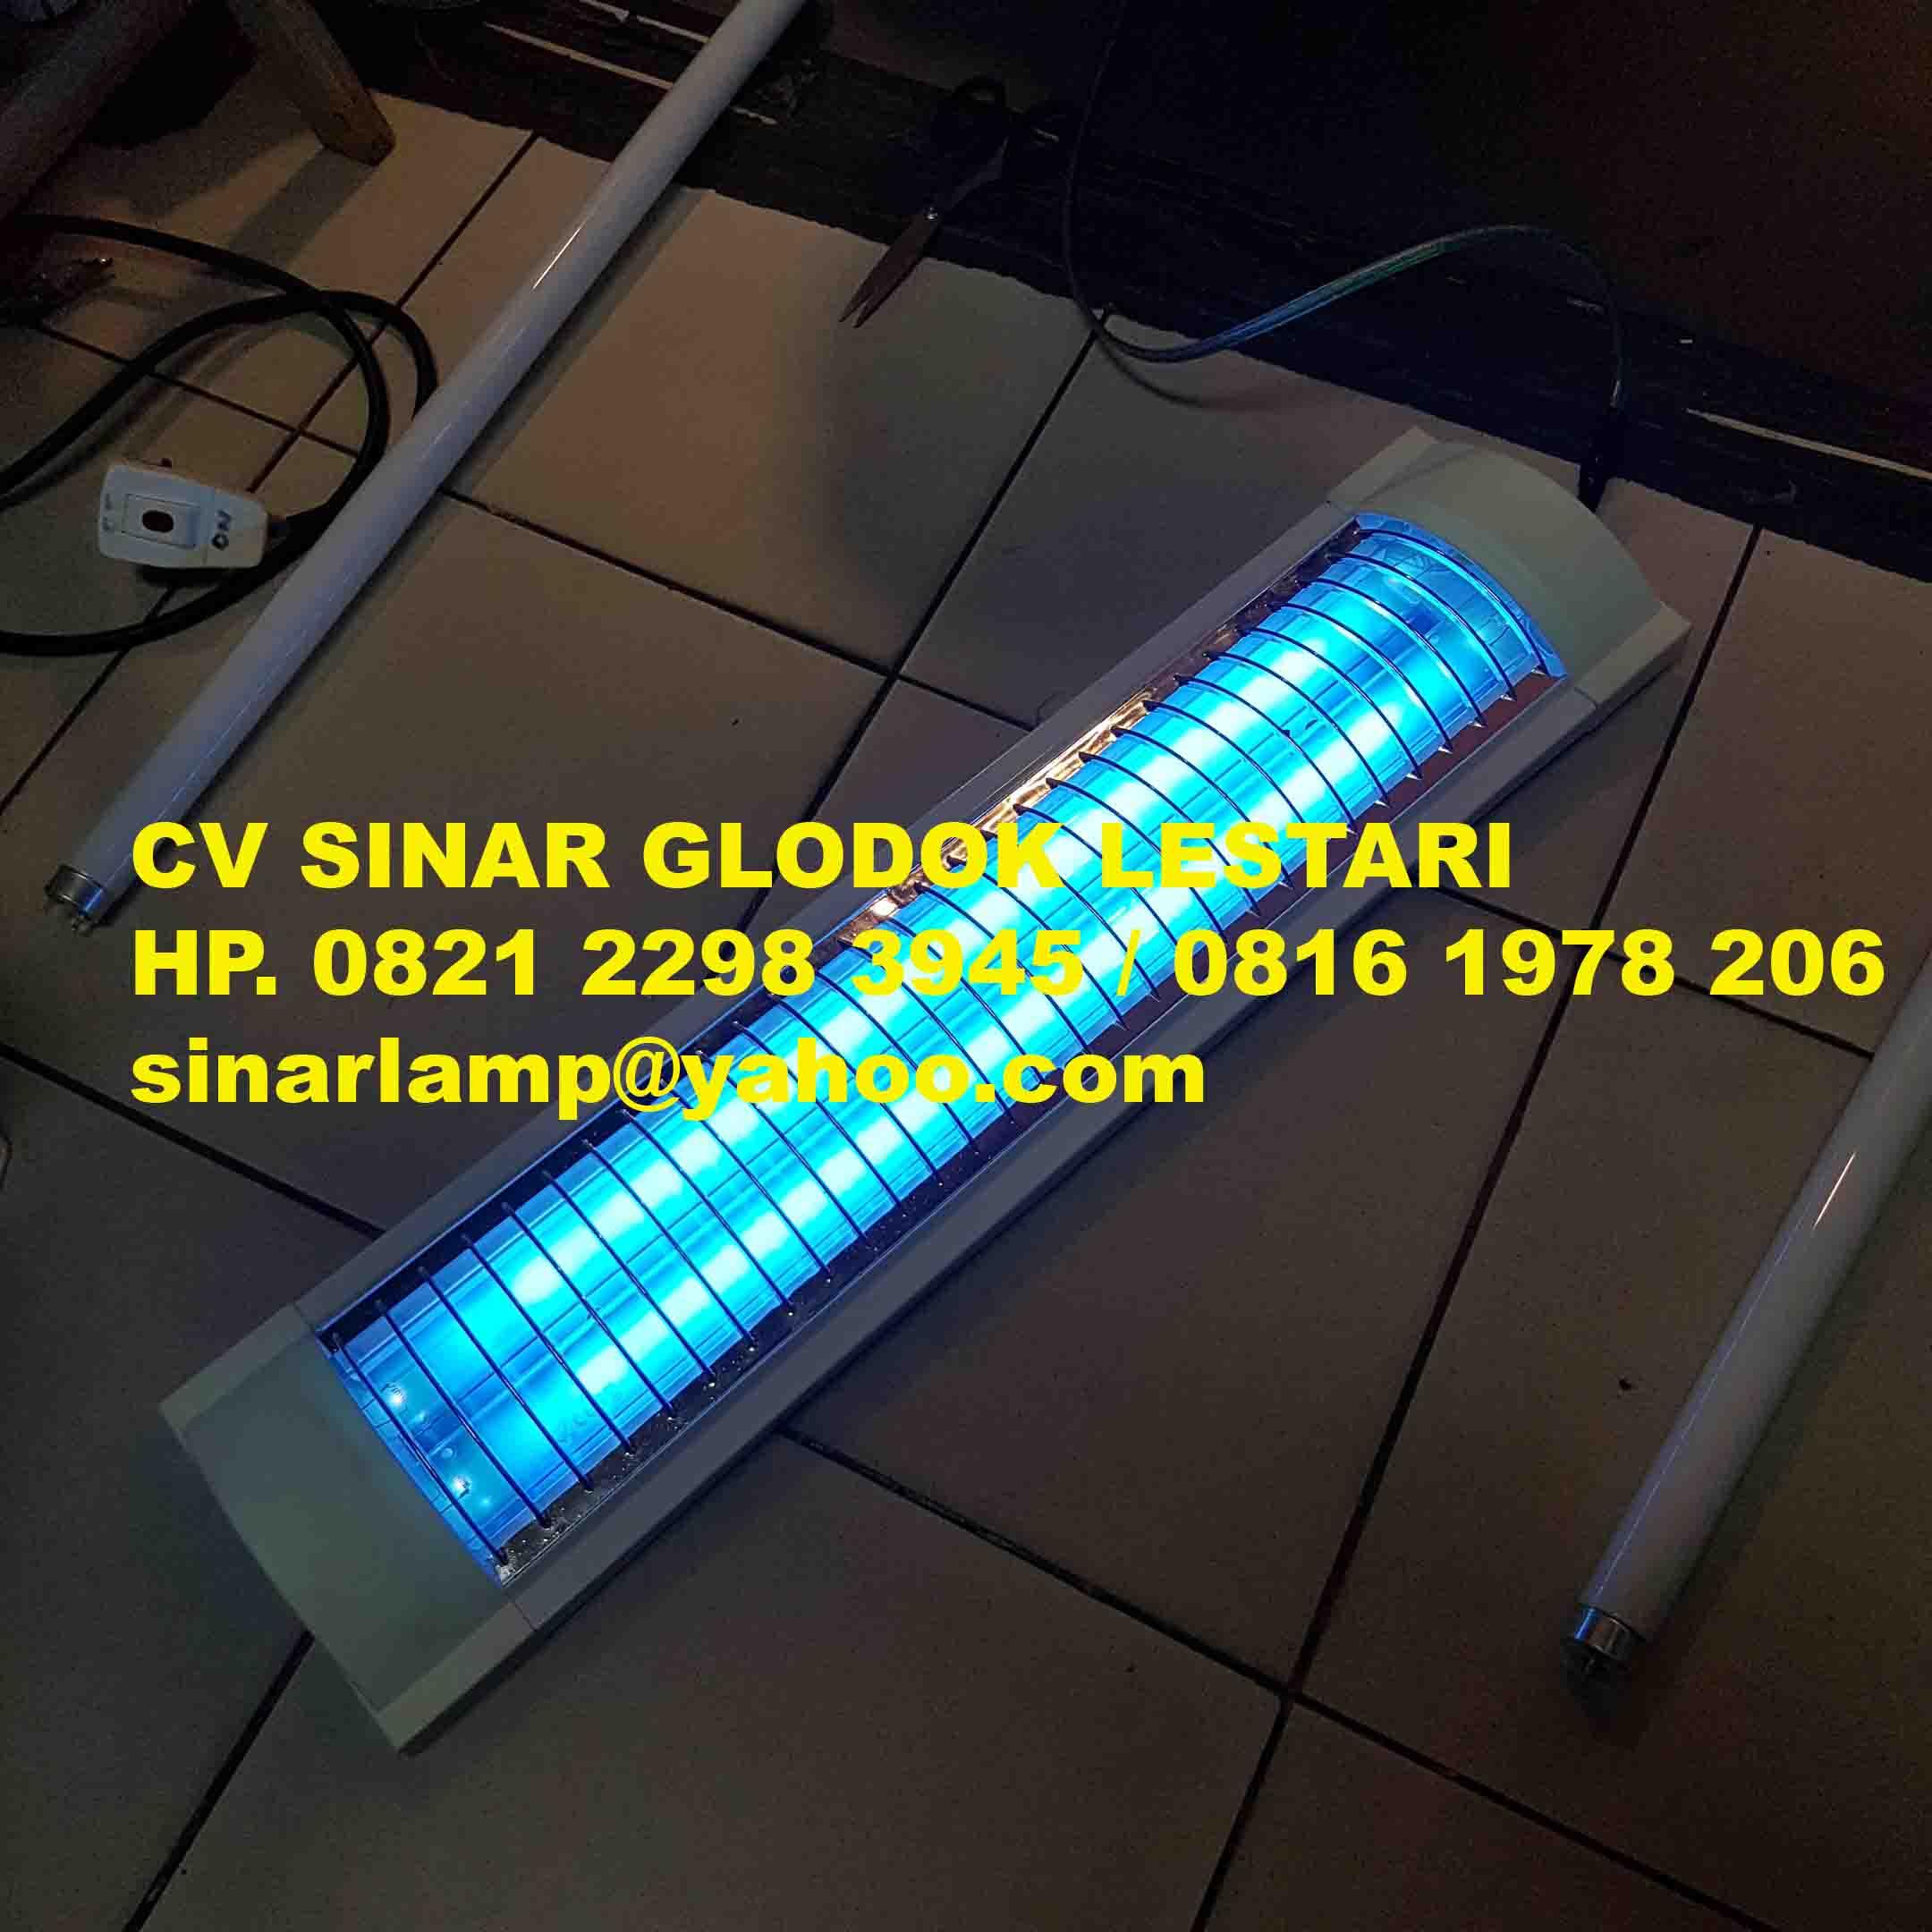 Aneka Lampu T5 Dan Uv Results From 72 Aquarium Light Yang 15w Rm Sterilisasi Kuman 2 X 20 Watt Jepang